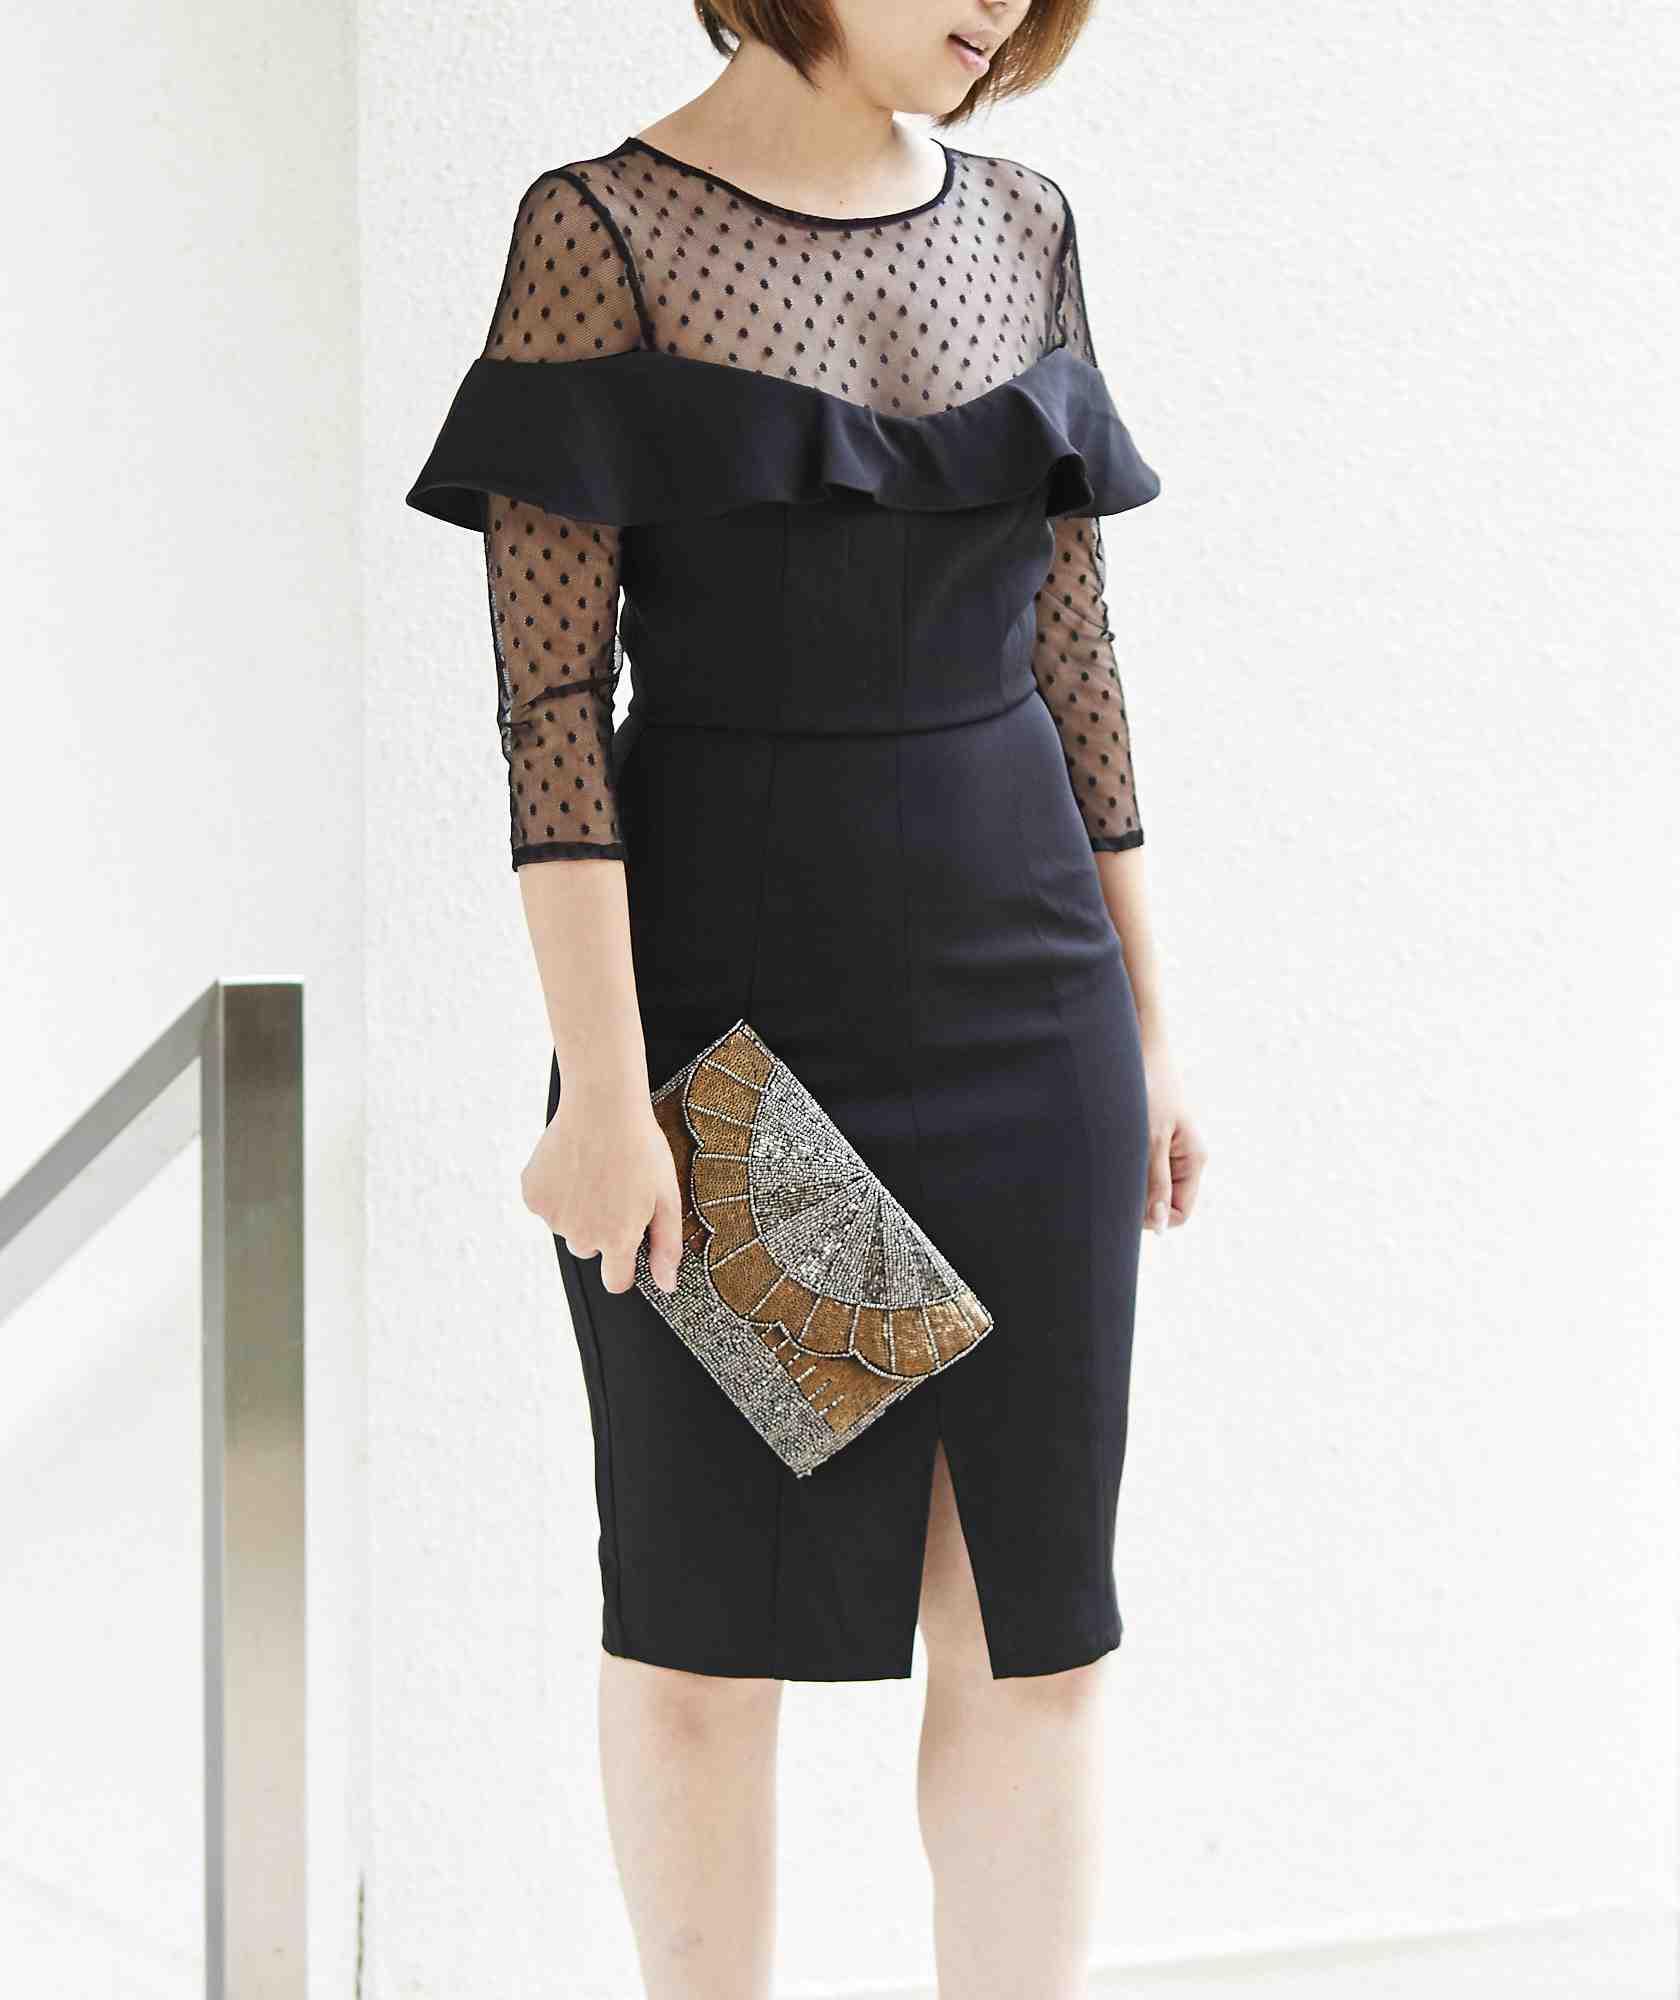 ドットチュールトップフリルミディアムドレス-ブラック-S